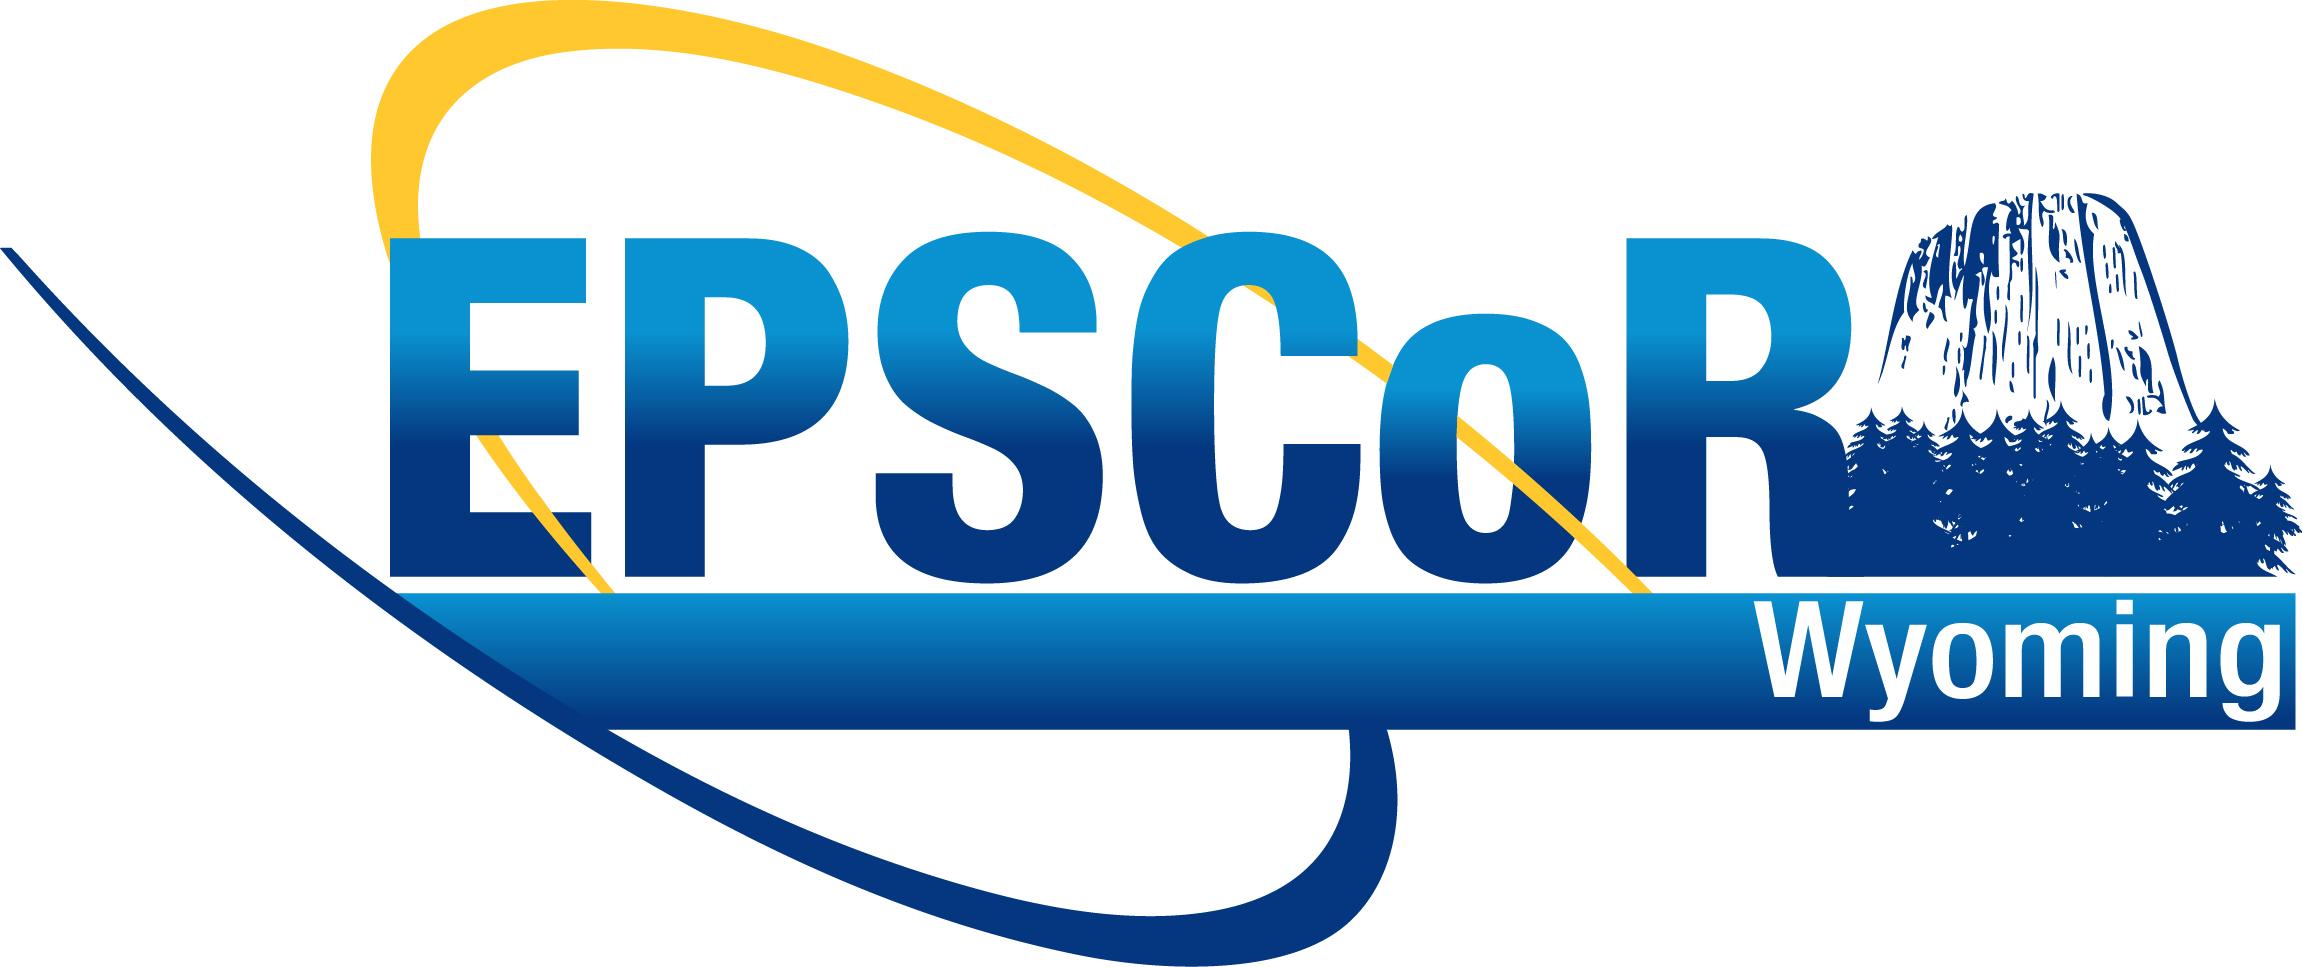 epscor_logo.jpg